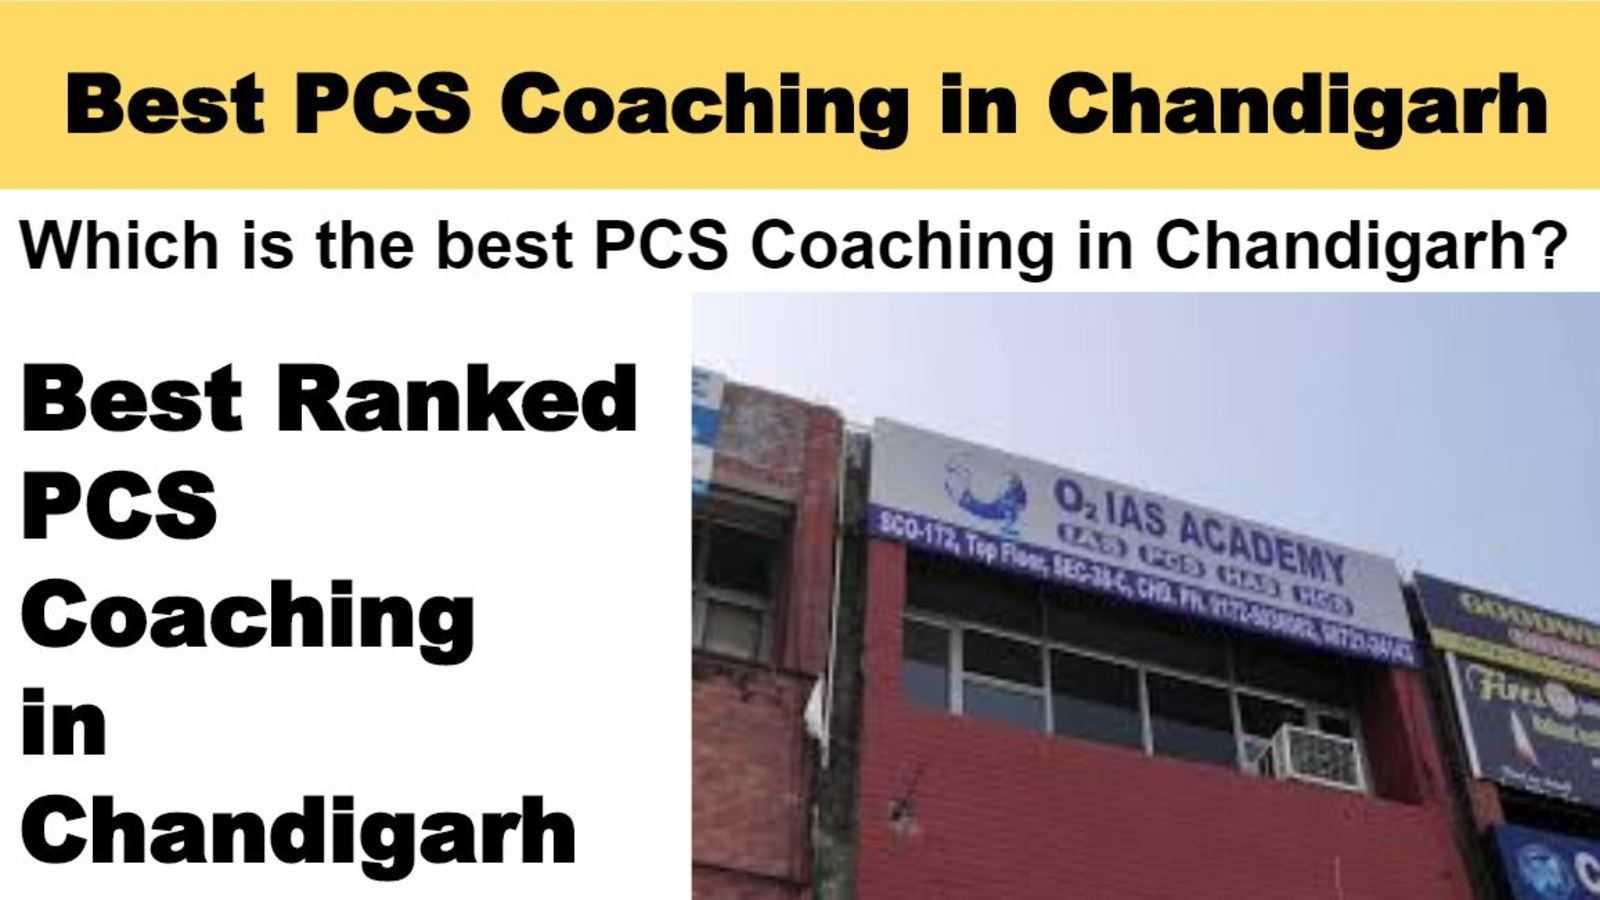 Top PCS Coaching in Chandigarh